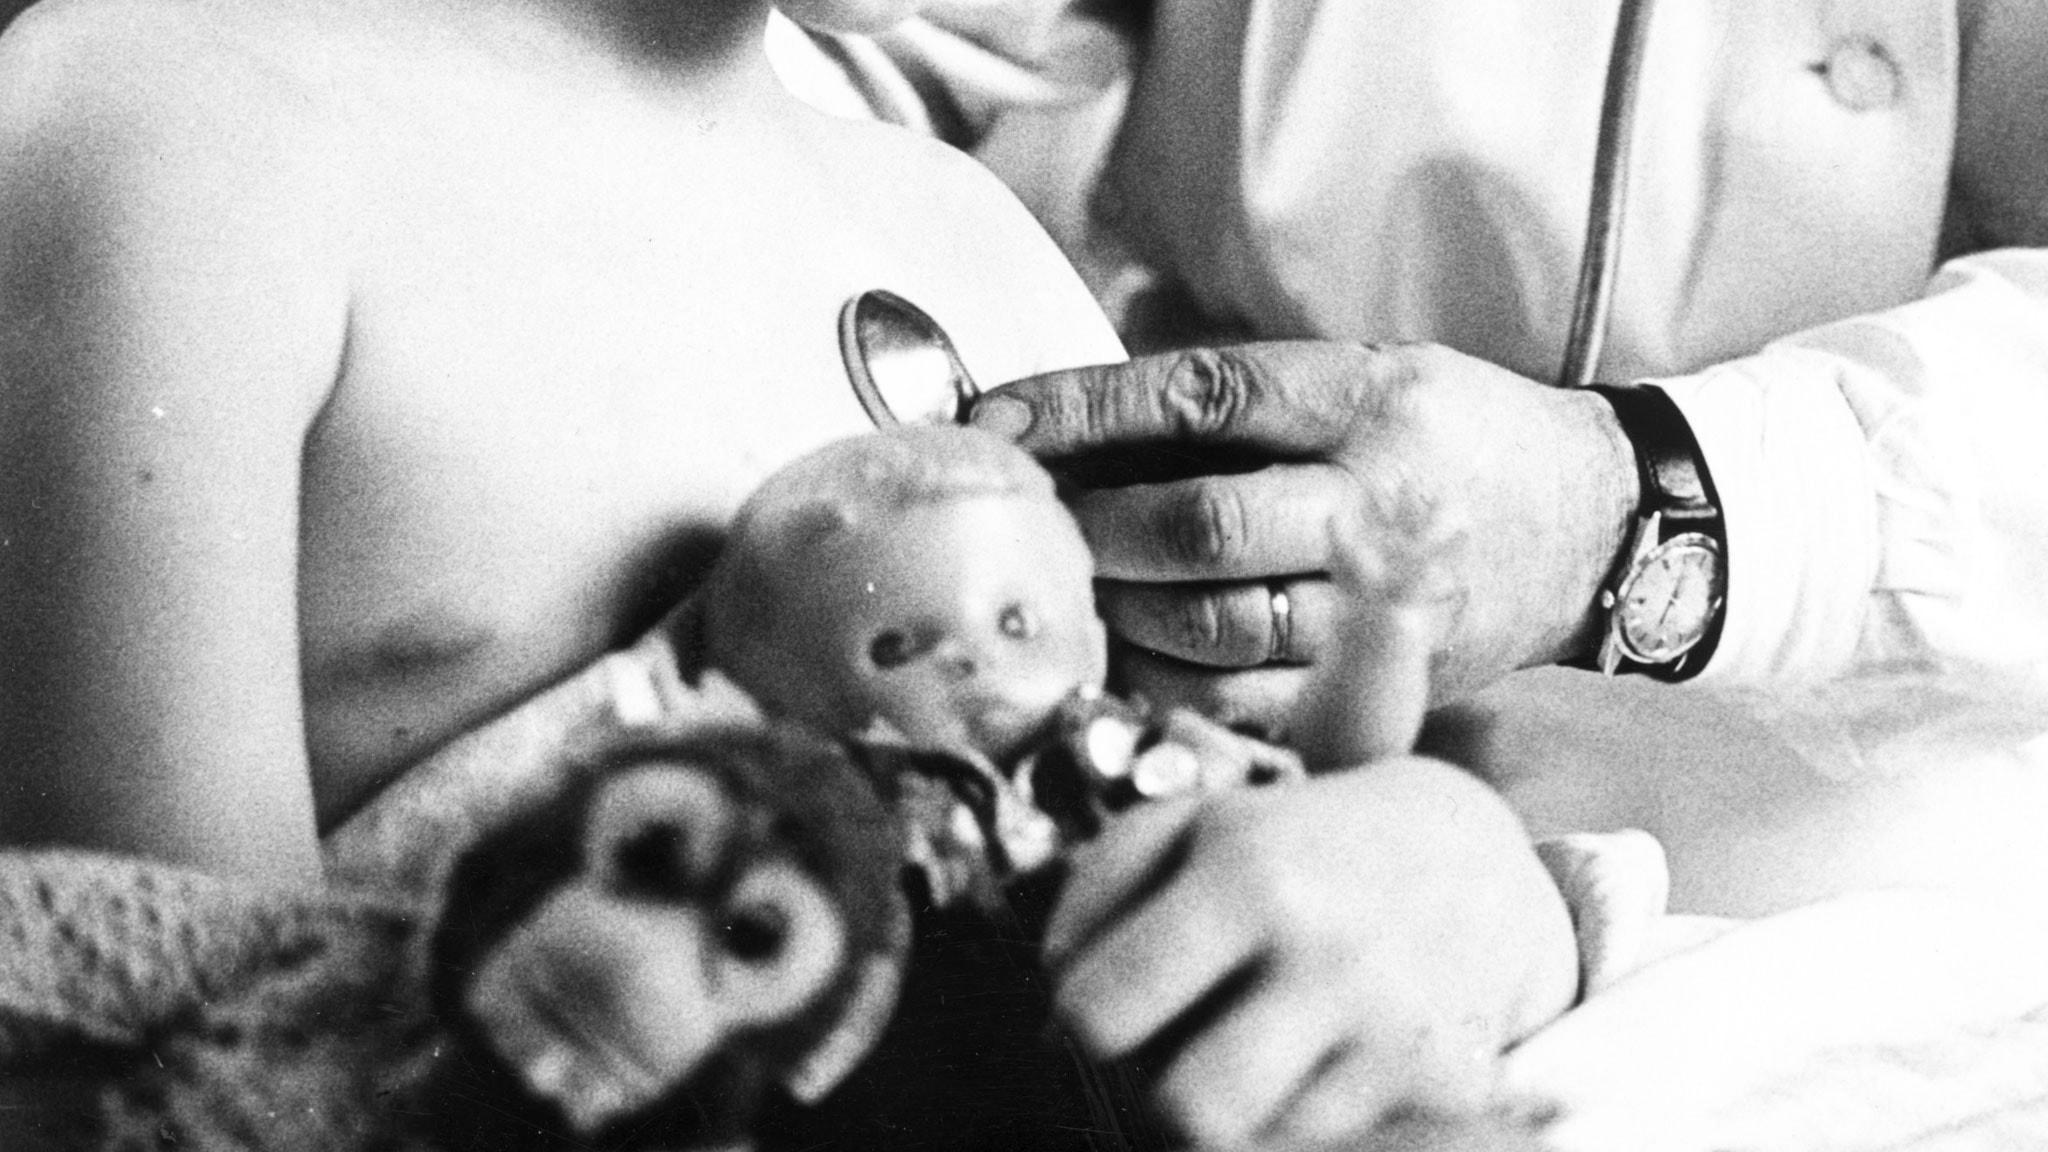 Provinsialläkarens hembesök 1958